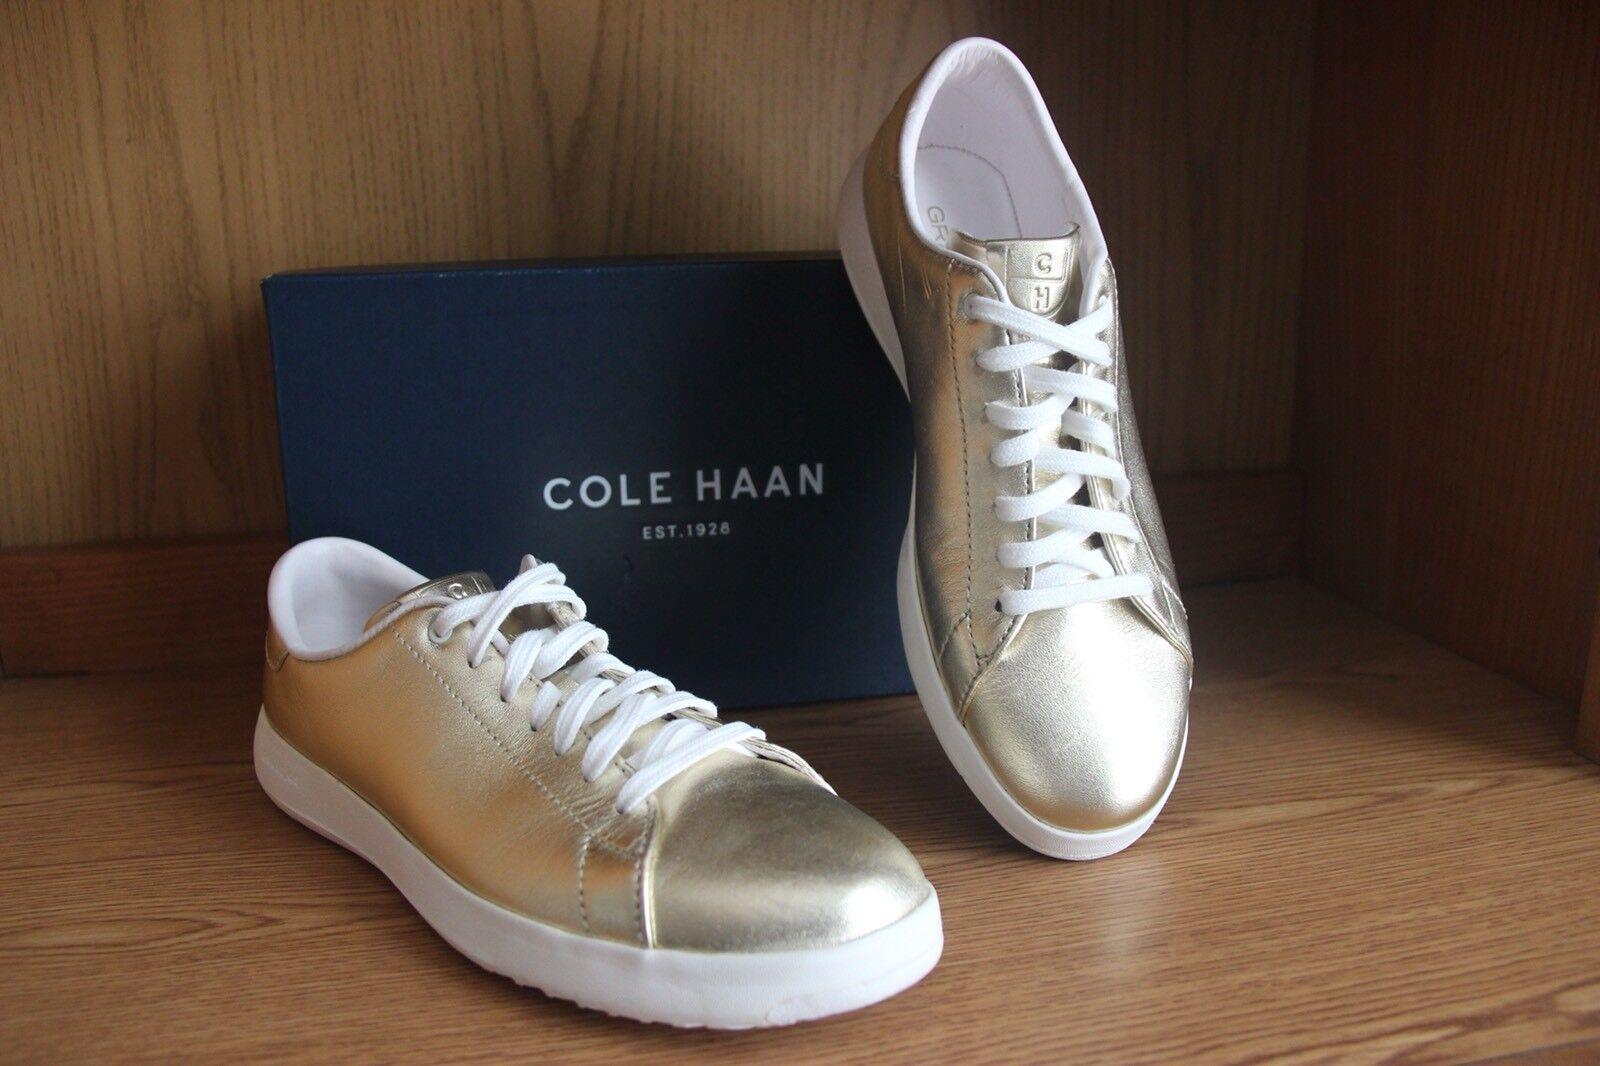 Cole Haan grandpro Tennis Chaussure Doré Métallisé Femmes Taille 9.5 W05880